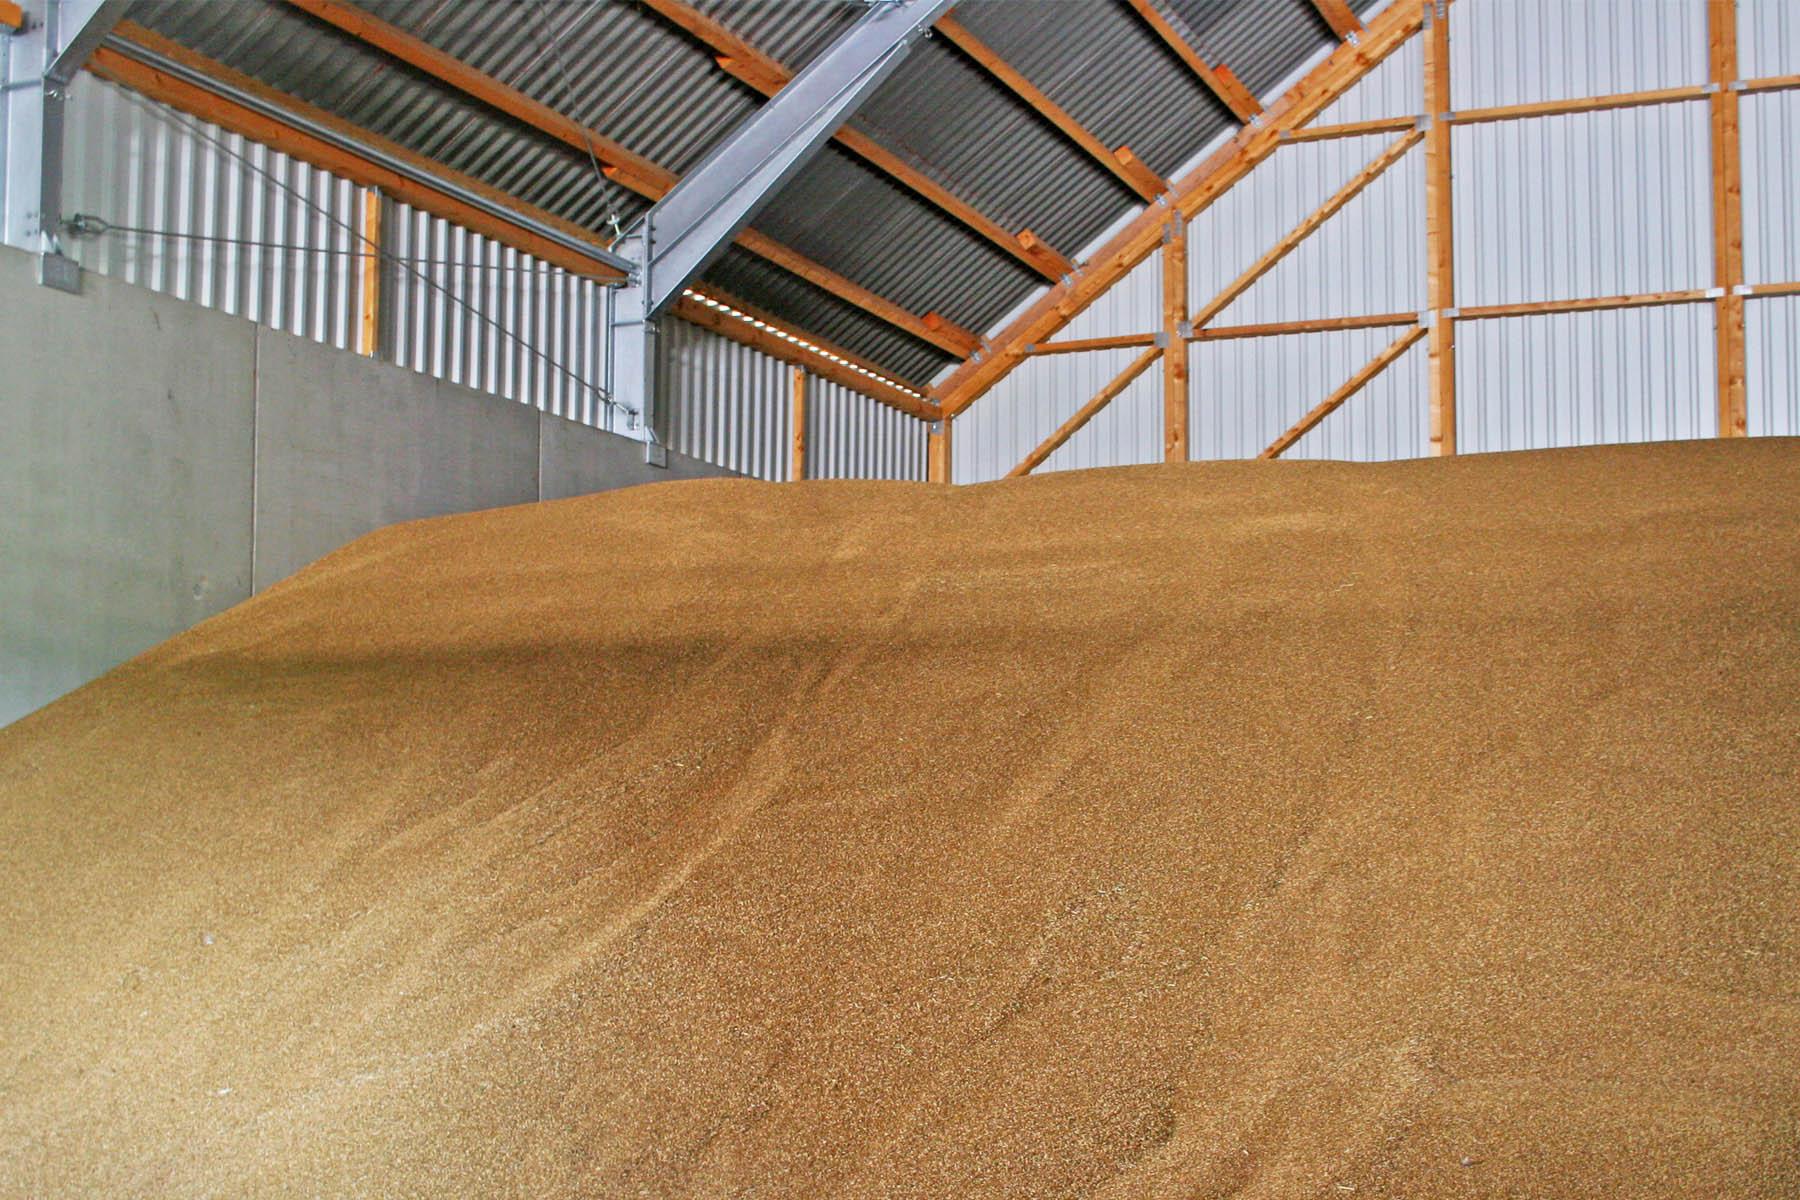 Getreidelagerung in Stahlhalle